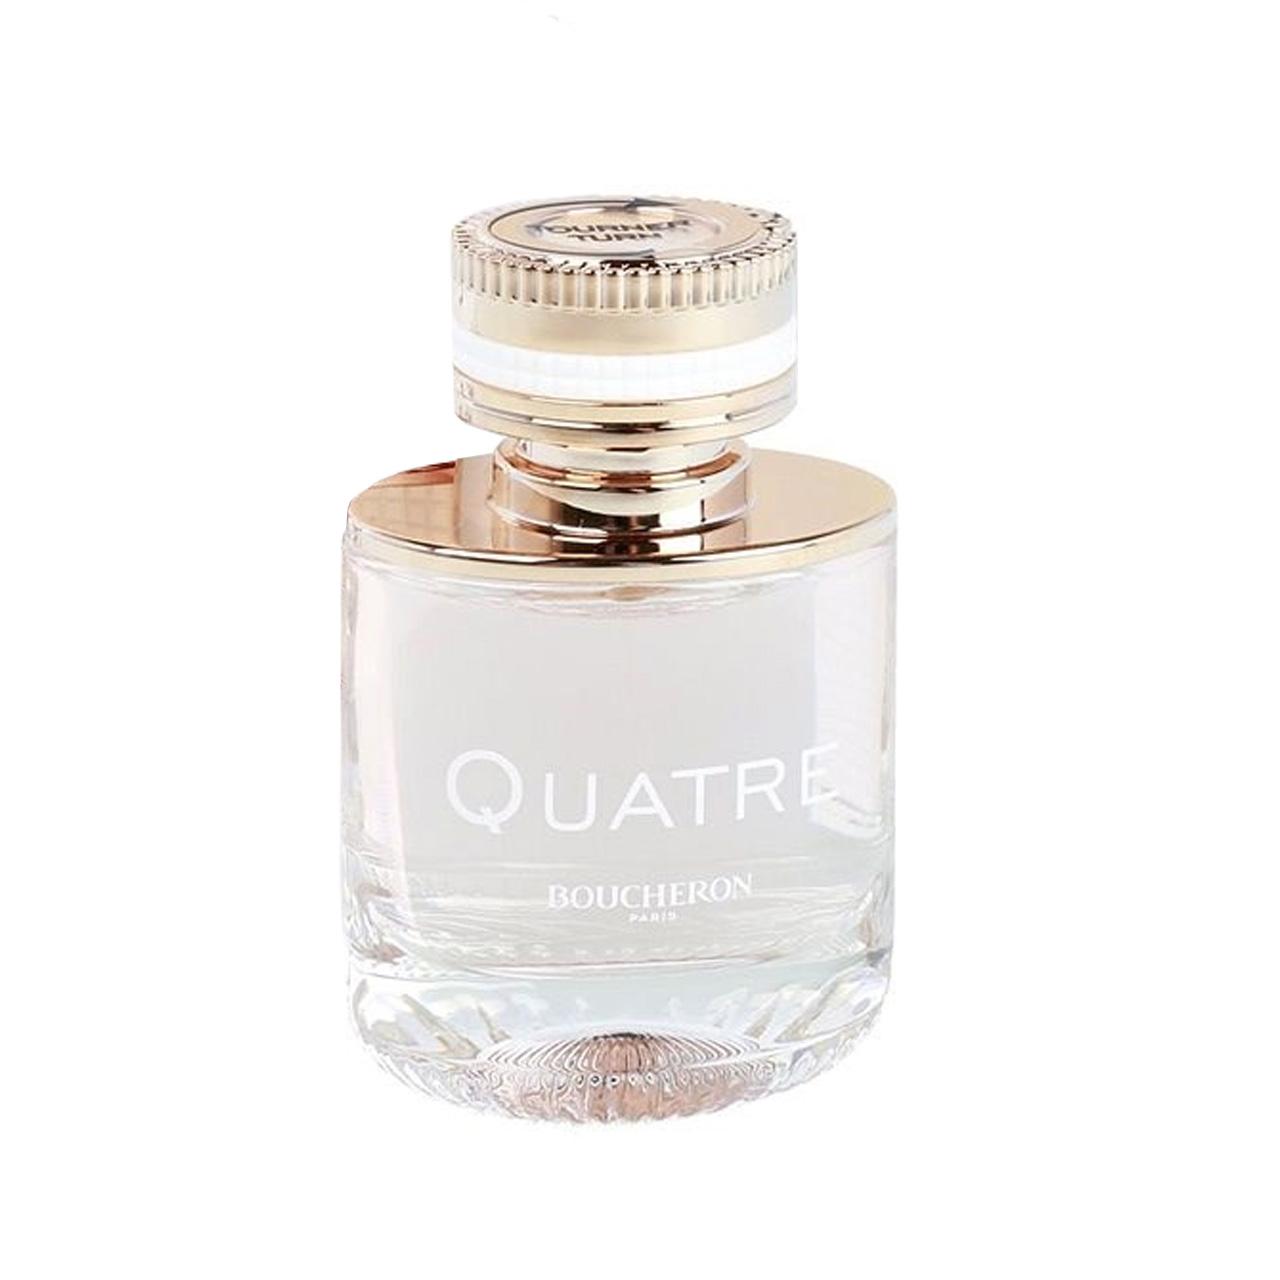 ادو تویلت زنانه بوچرون مدل Quatre parfum feminin حجم 100 میلی لیتر